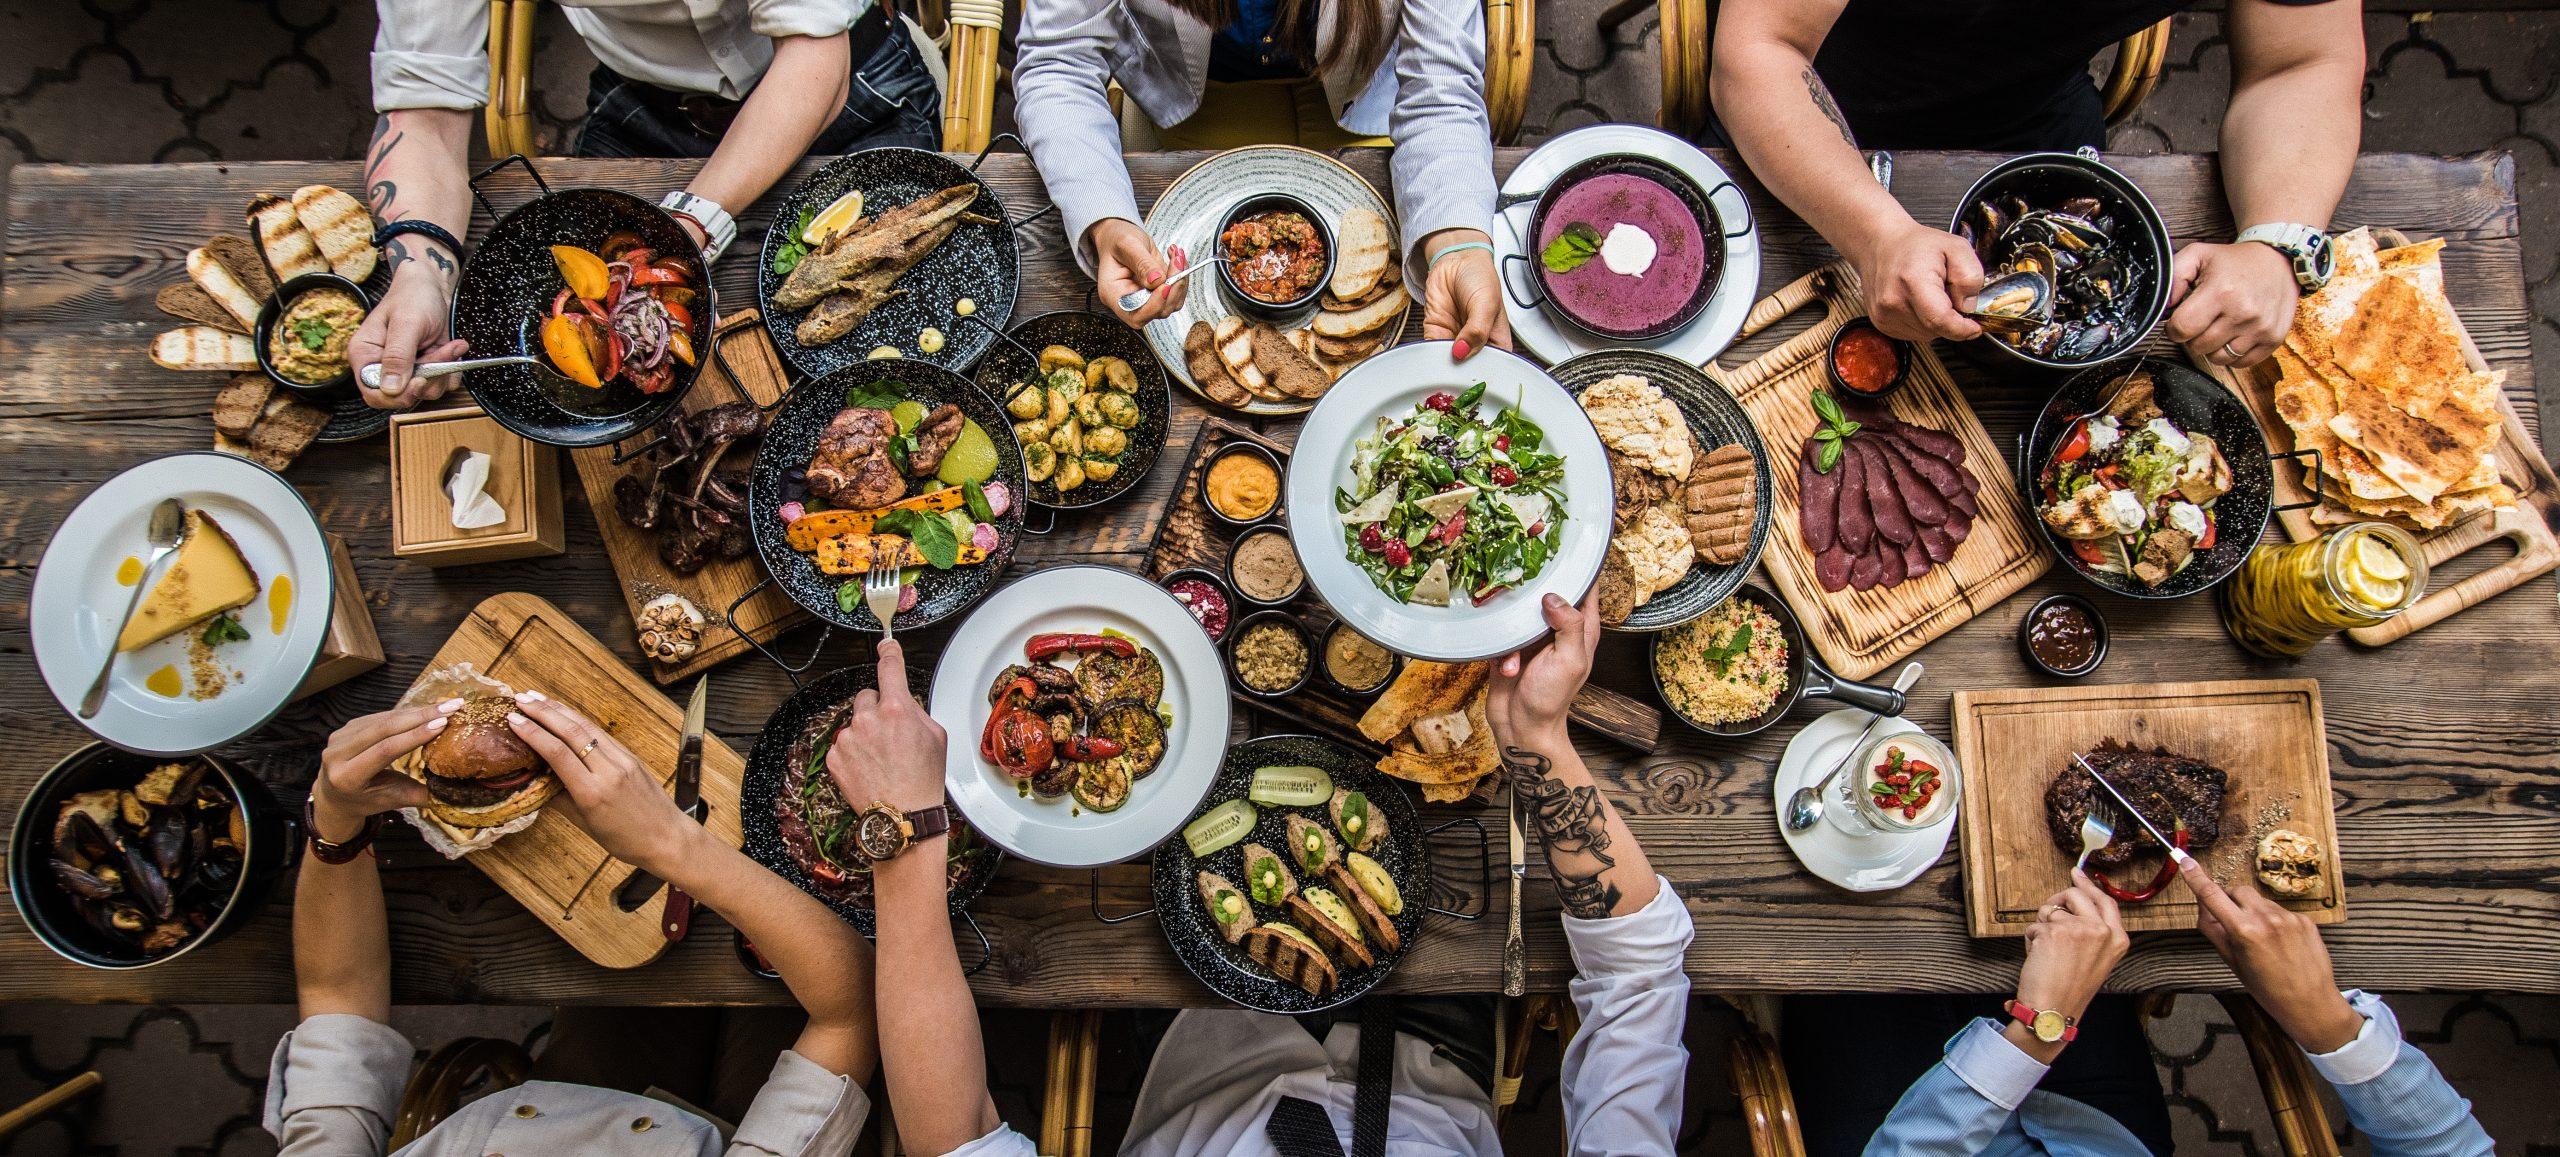 Pääkirjoitus: Ruokahävikki lisääntyy syömällä